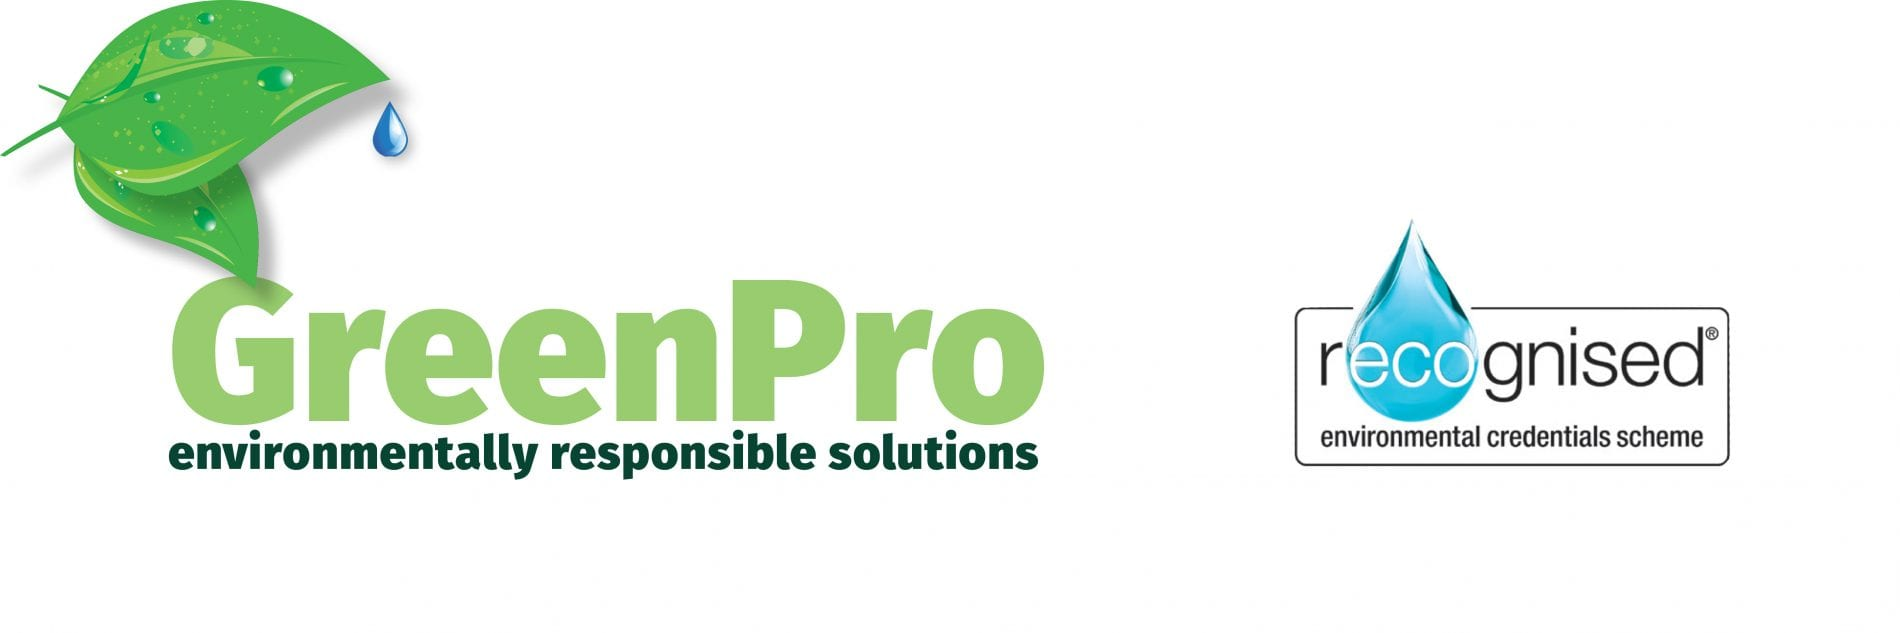 Greenpro-banner.jpg